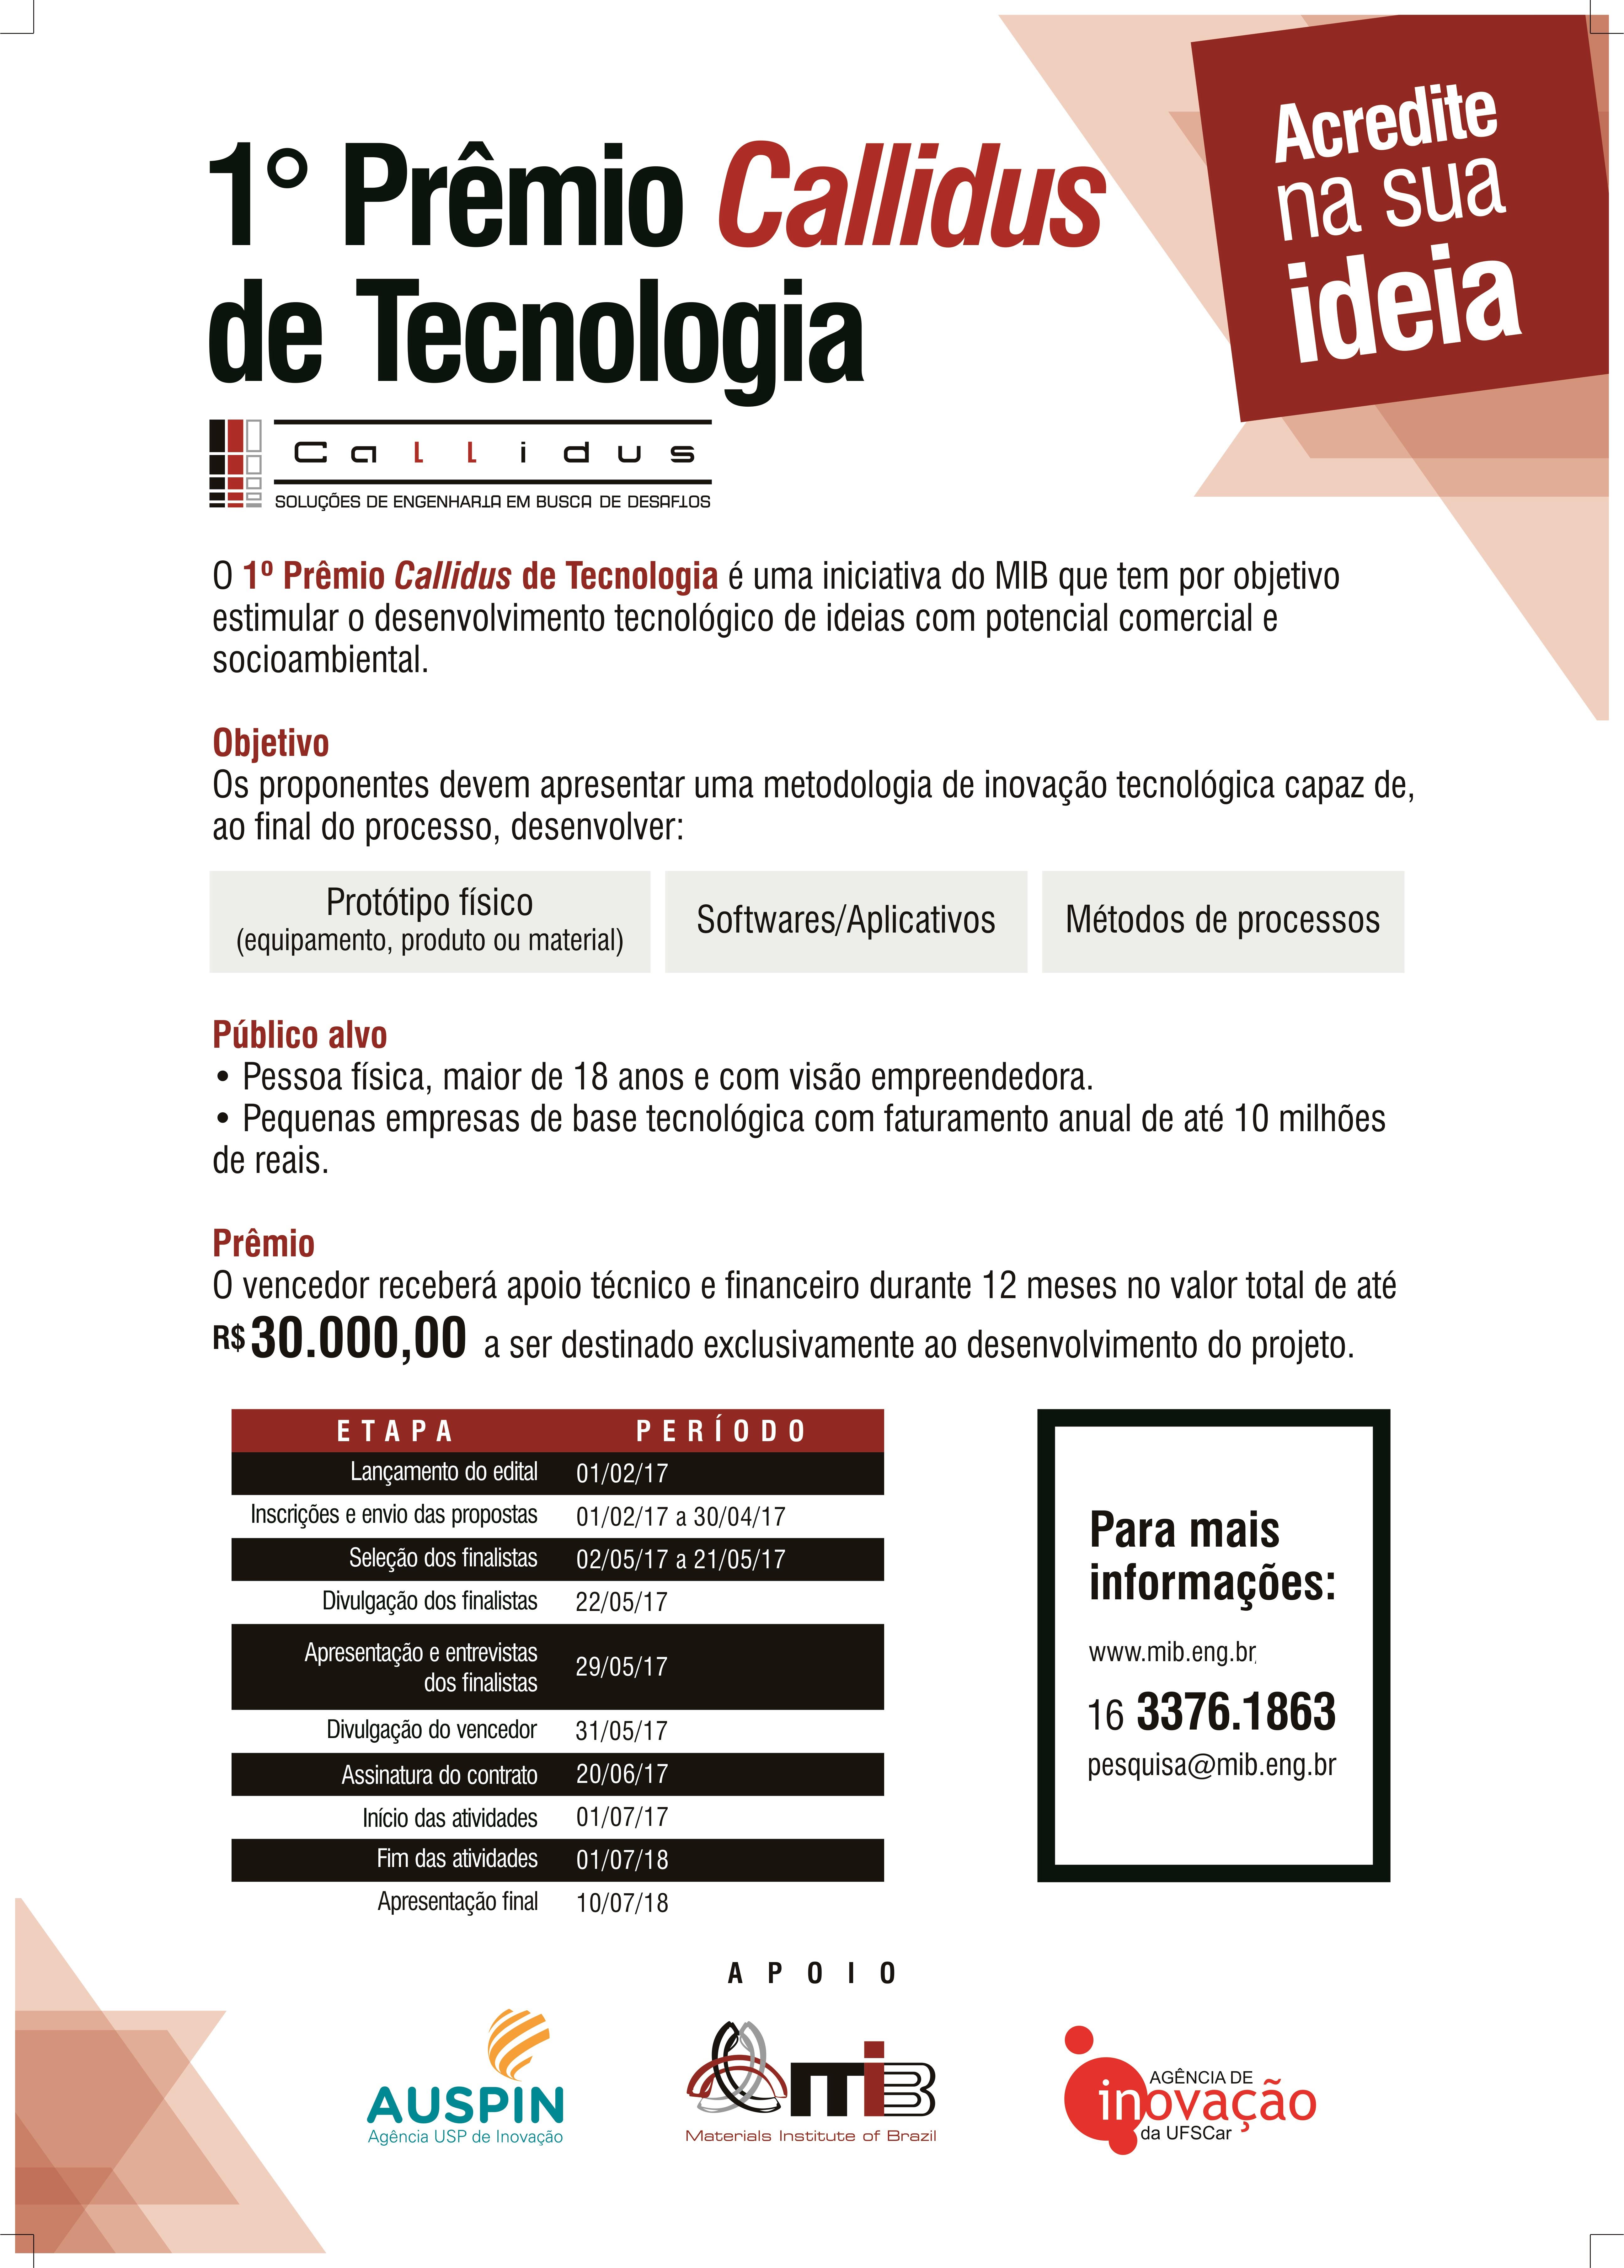 1º Prêmio Callidus de Tecnologia (1)